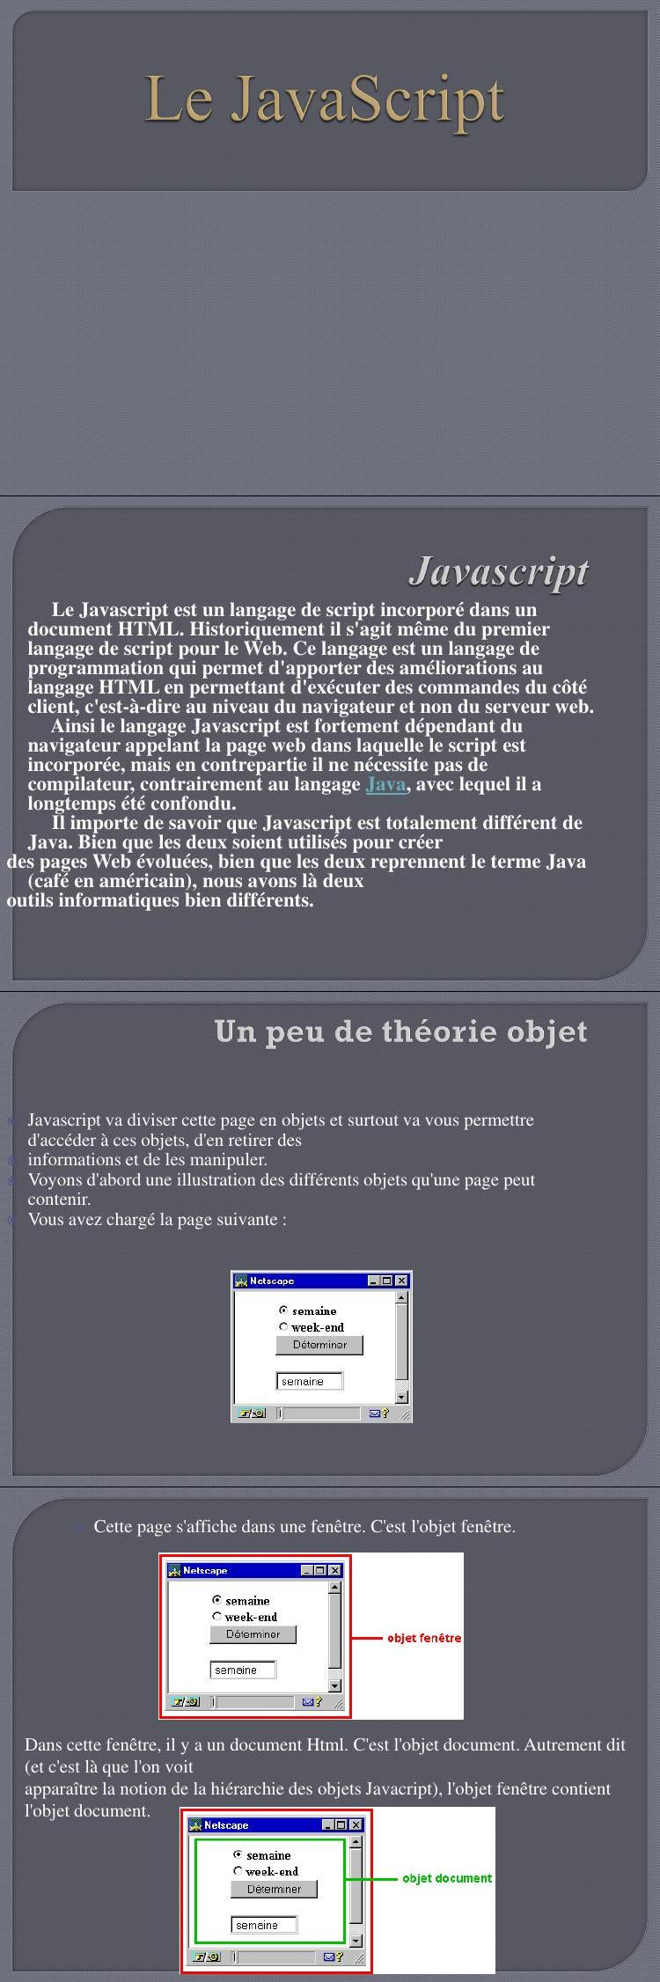 Pdf Cours Et Exercices Javascript Pdf